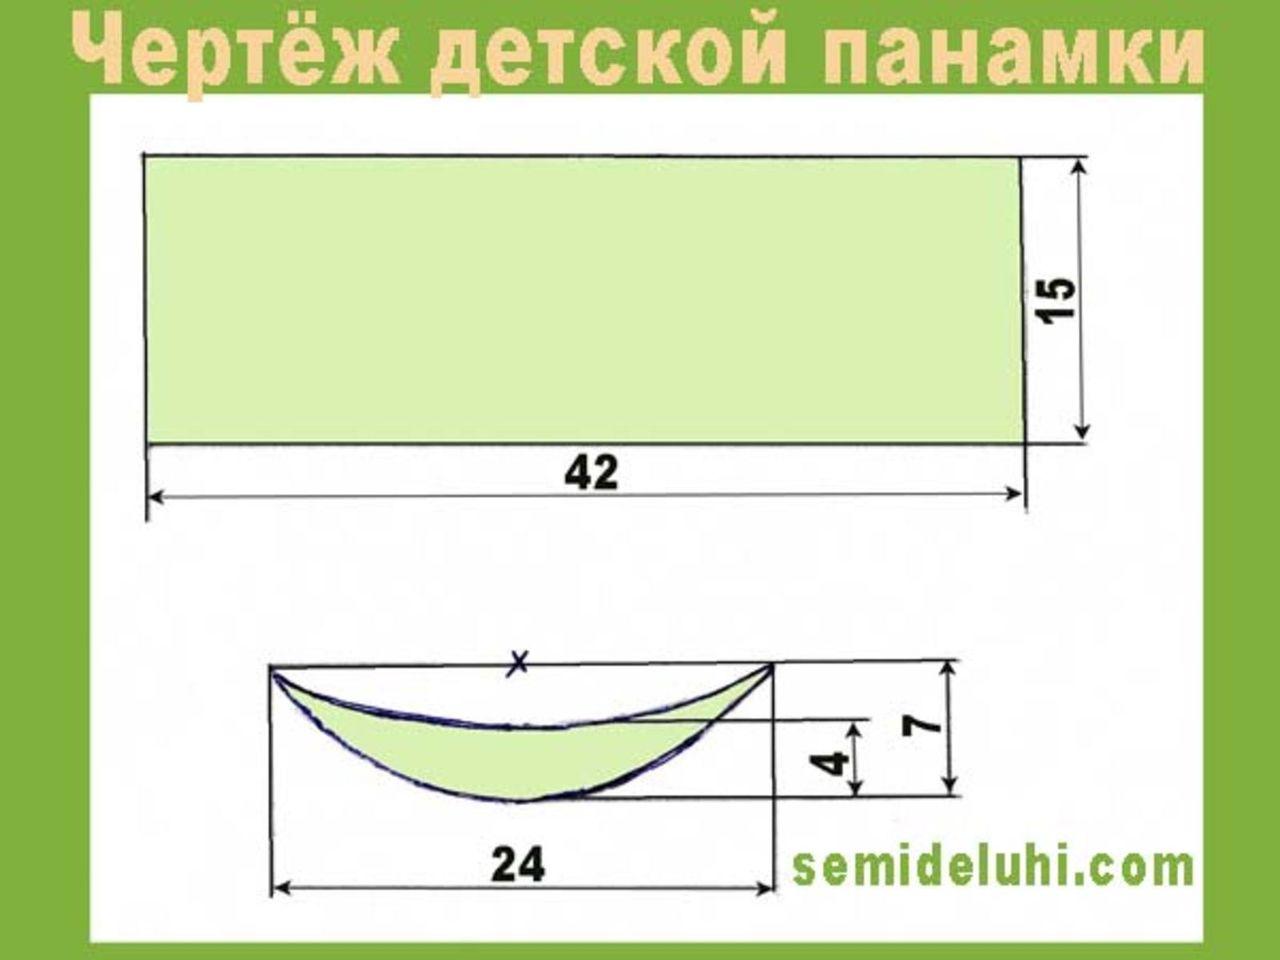 Додекаэдр как сделать из бумаги шаблон